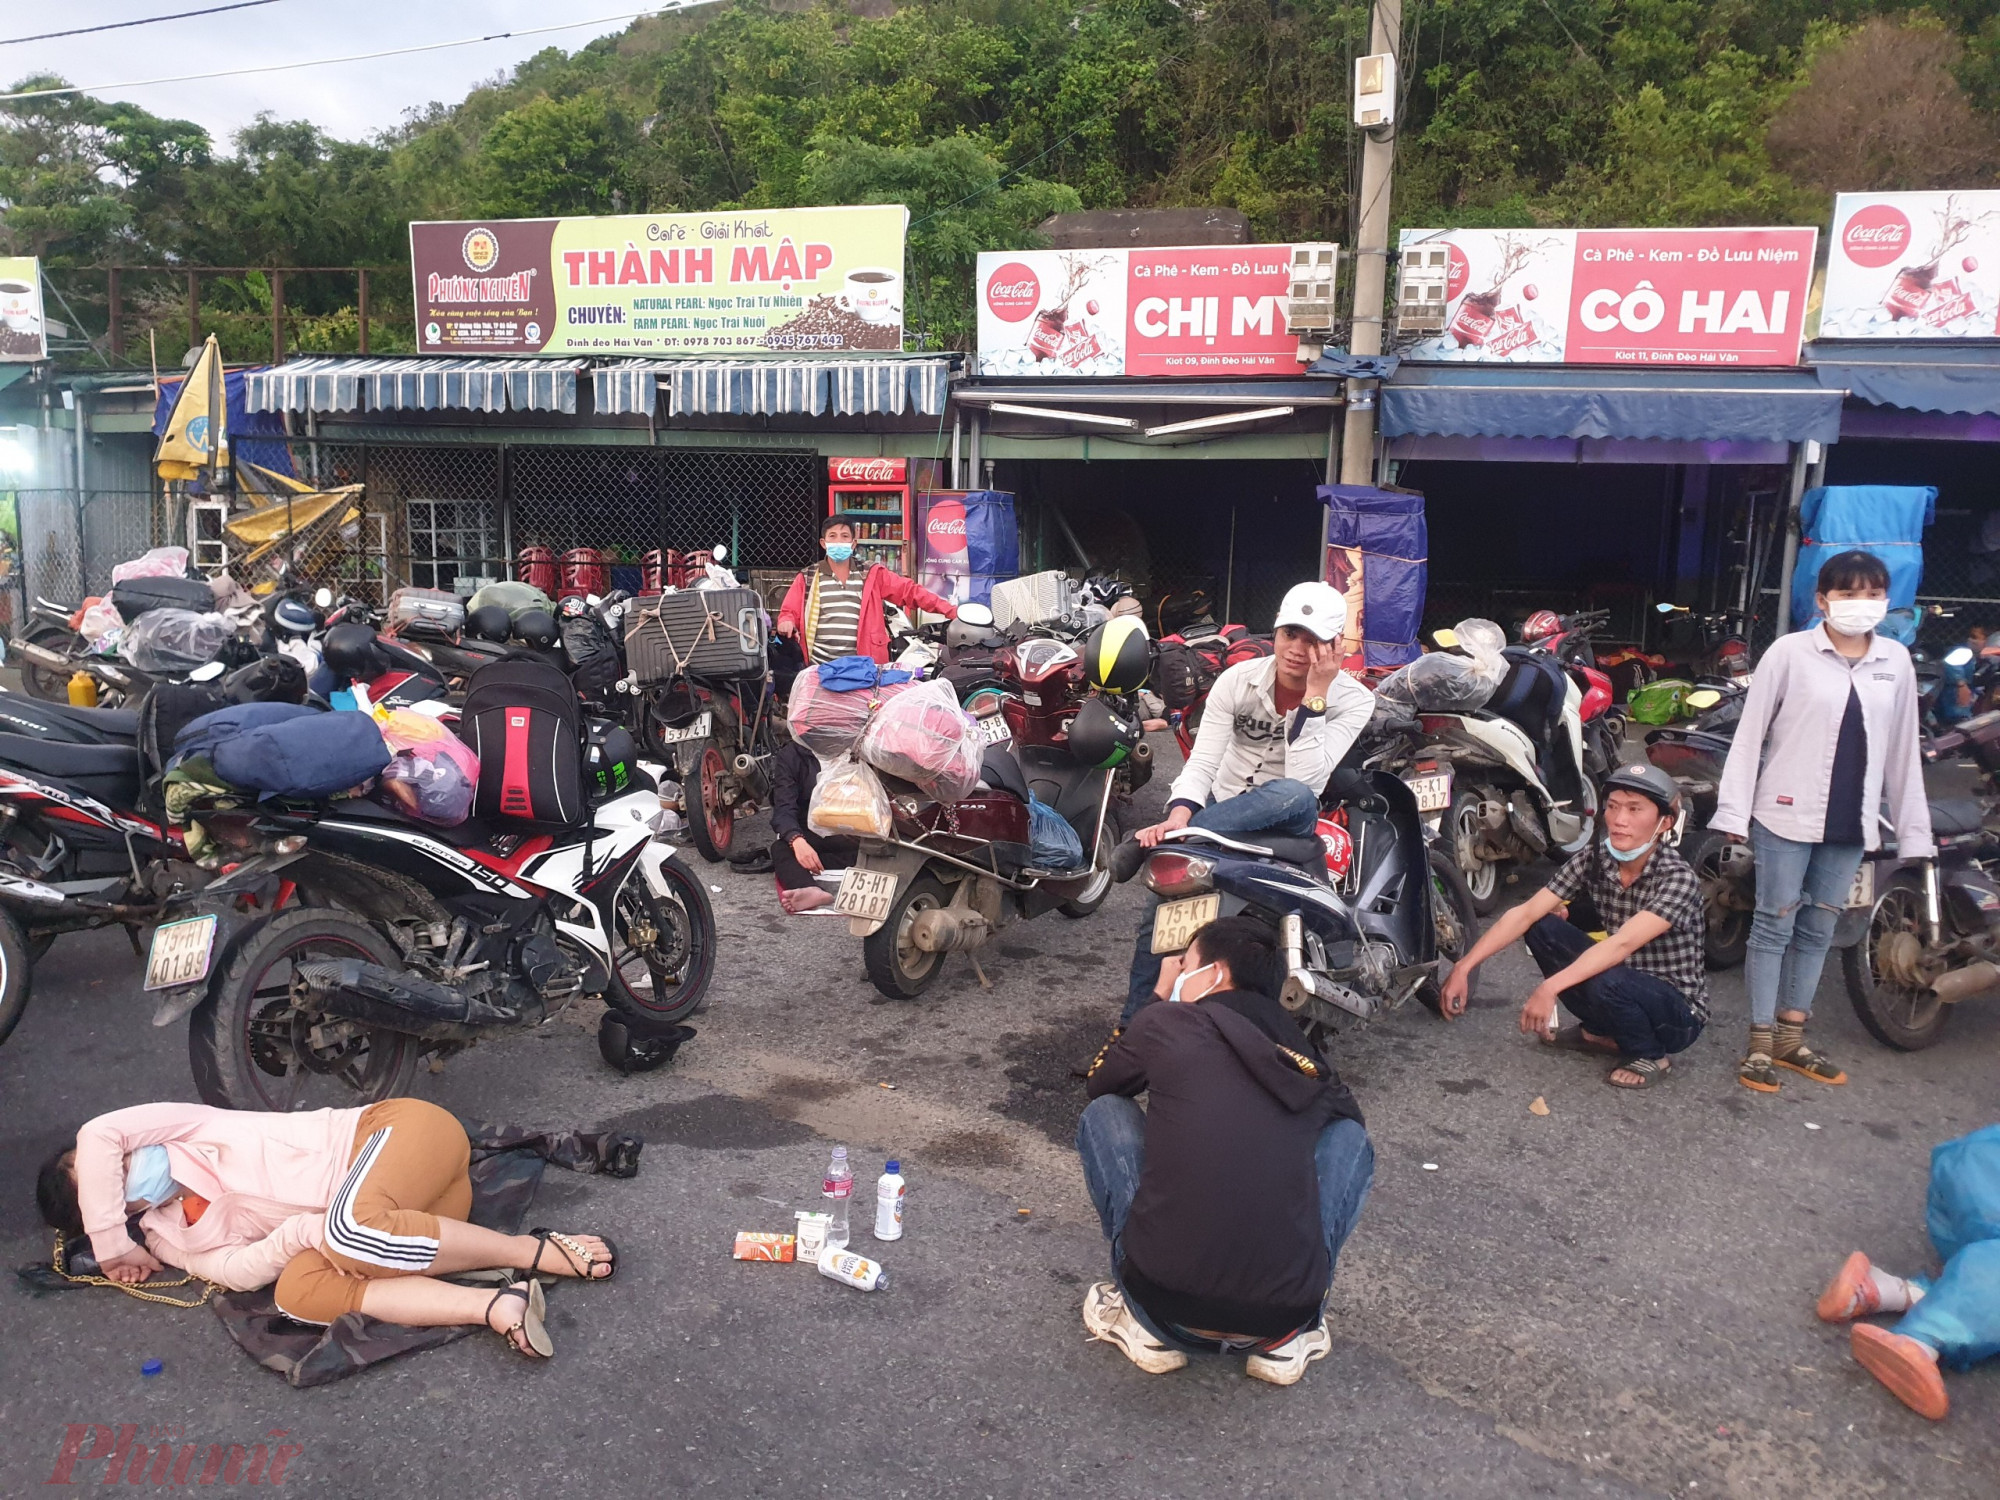 Đến 5g47, CATP Đà Nẵng đã bàn giao số người trên cho tỉnh Thừa Thiên Huế tại đỉnh đèo Hải Vân gồm: Thừa Thiên Huế: 99 người đi 56 xe; Quảng Trị: 1 người/1 xe; Nghệ An: 25 người/14 xe; Hà Tĩnh: 01 người/1 xe.